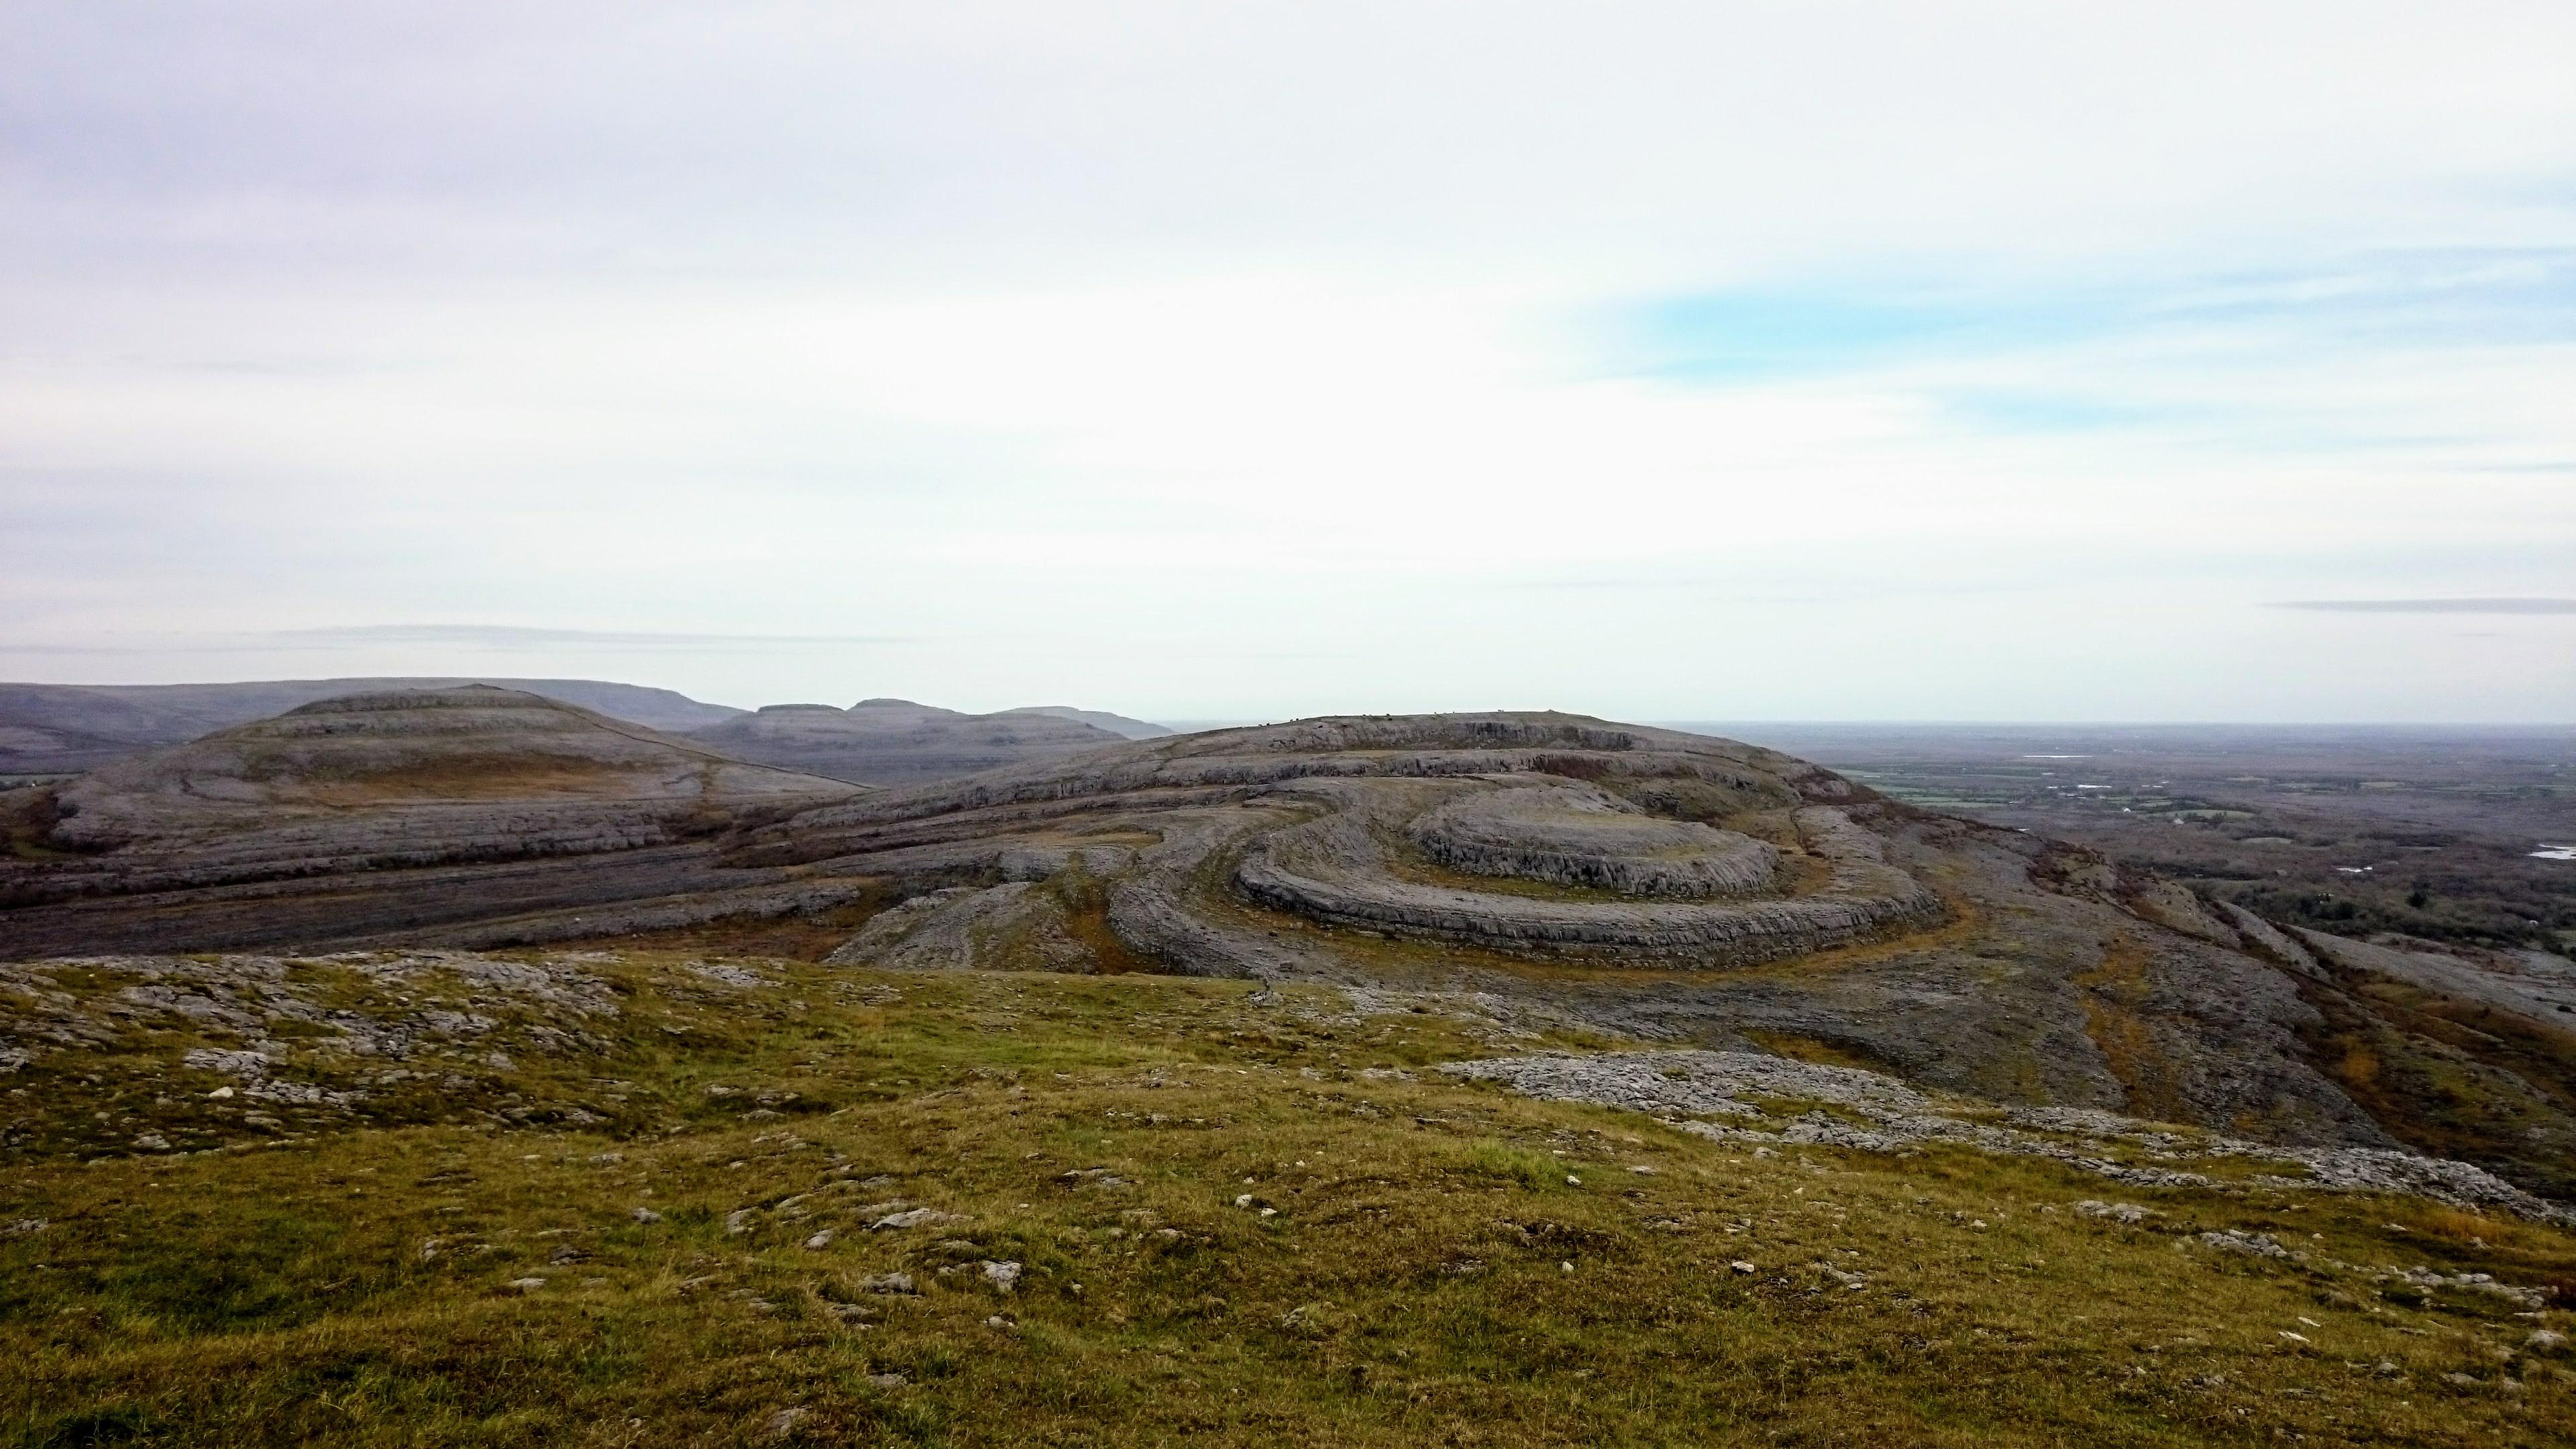 Kopce v oblasti Burren připomínají šlehačku